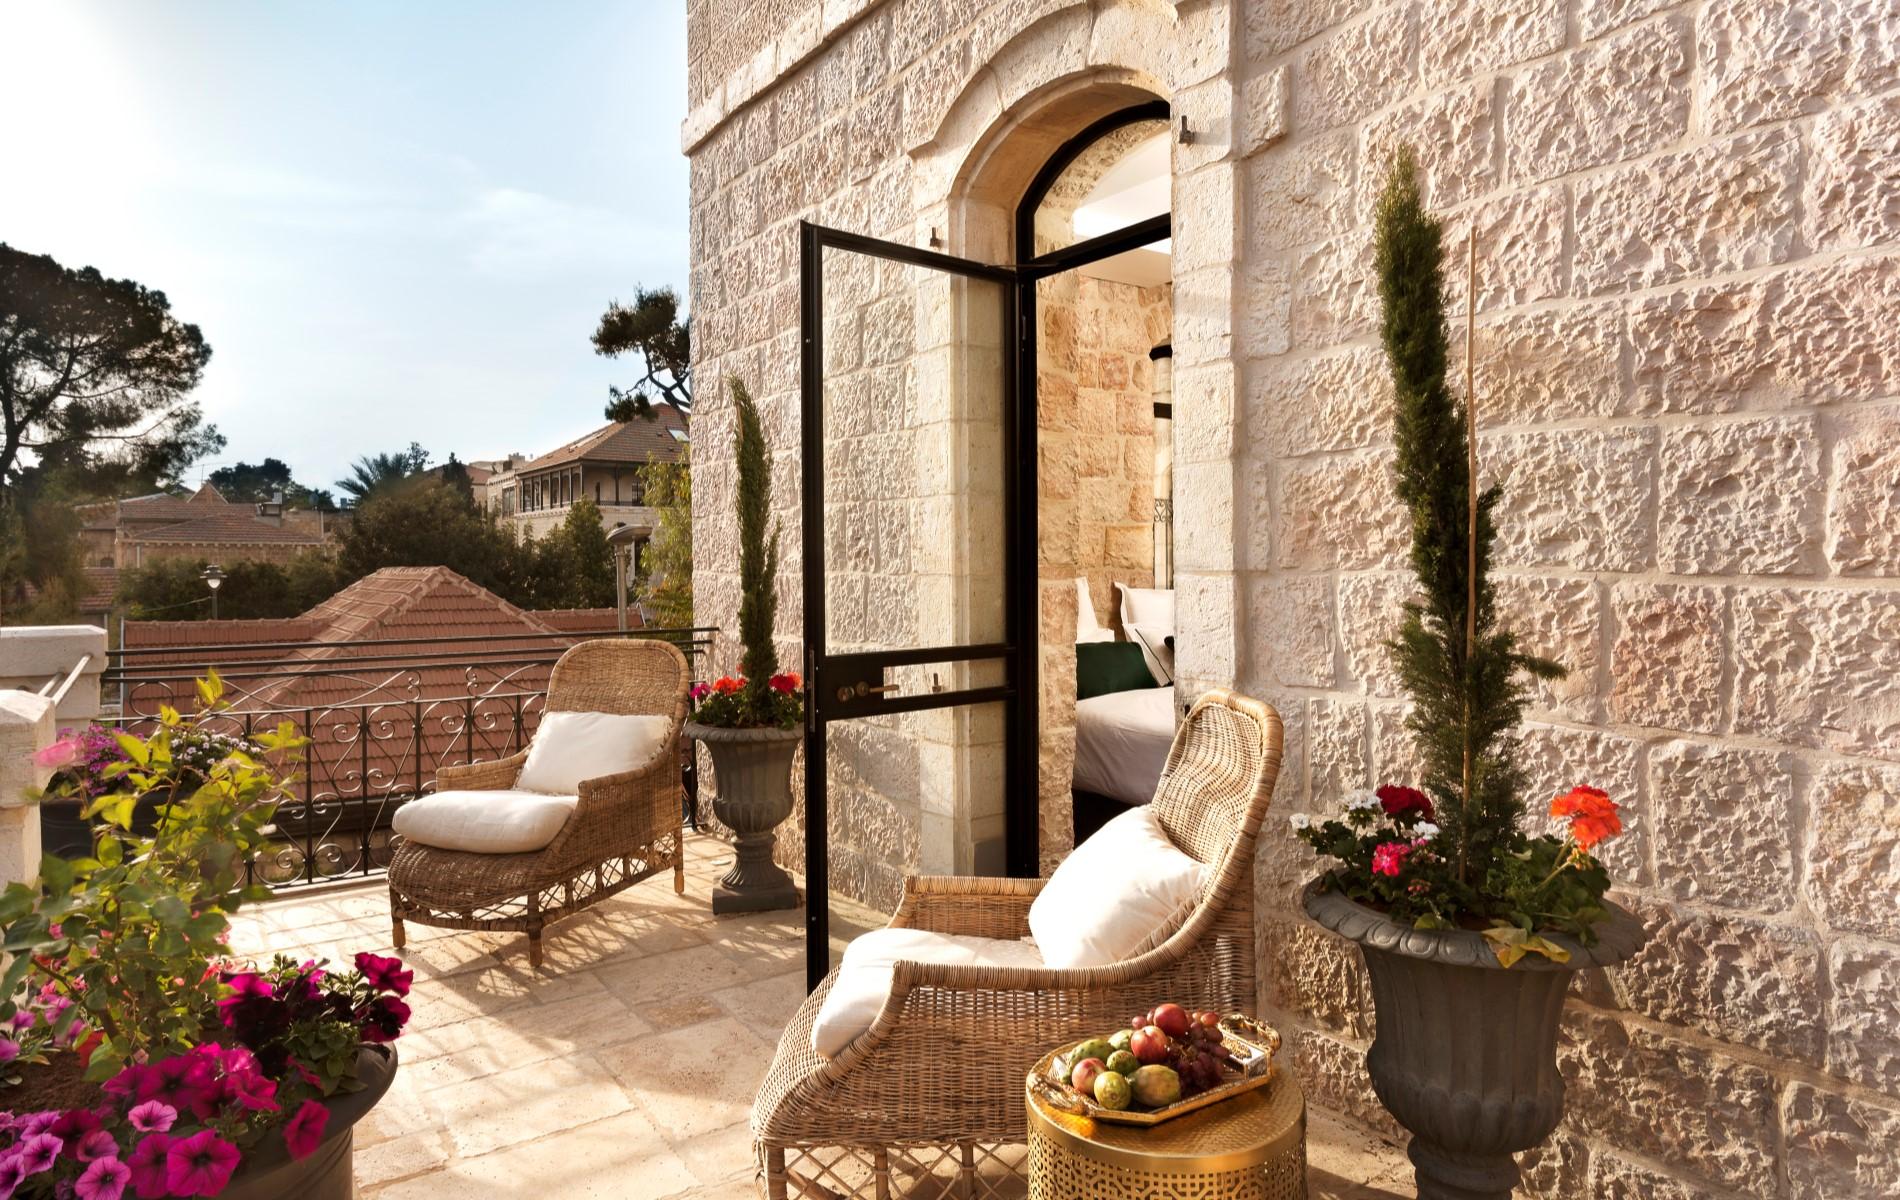 מלונות מומלצים בירושלים - וילה בראון. תמונה באדיבות המלון